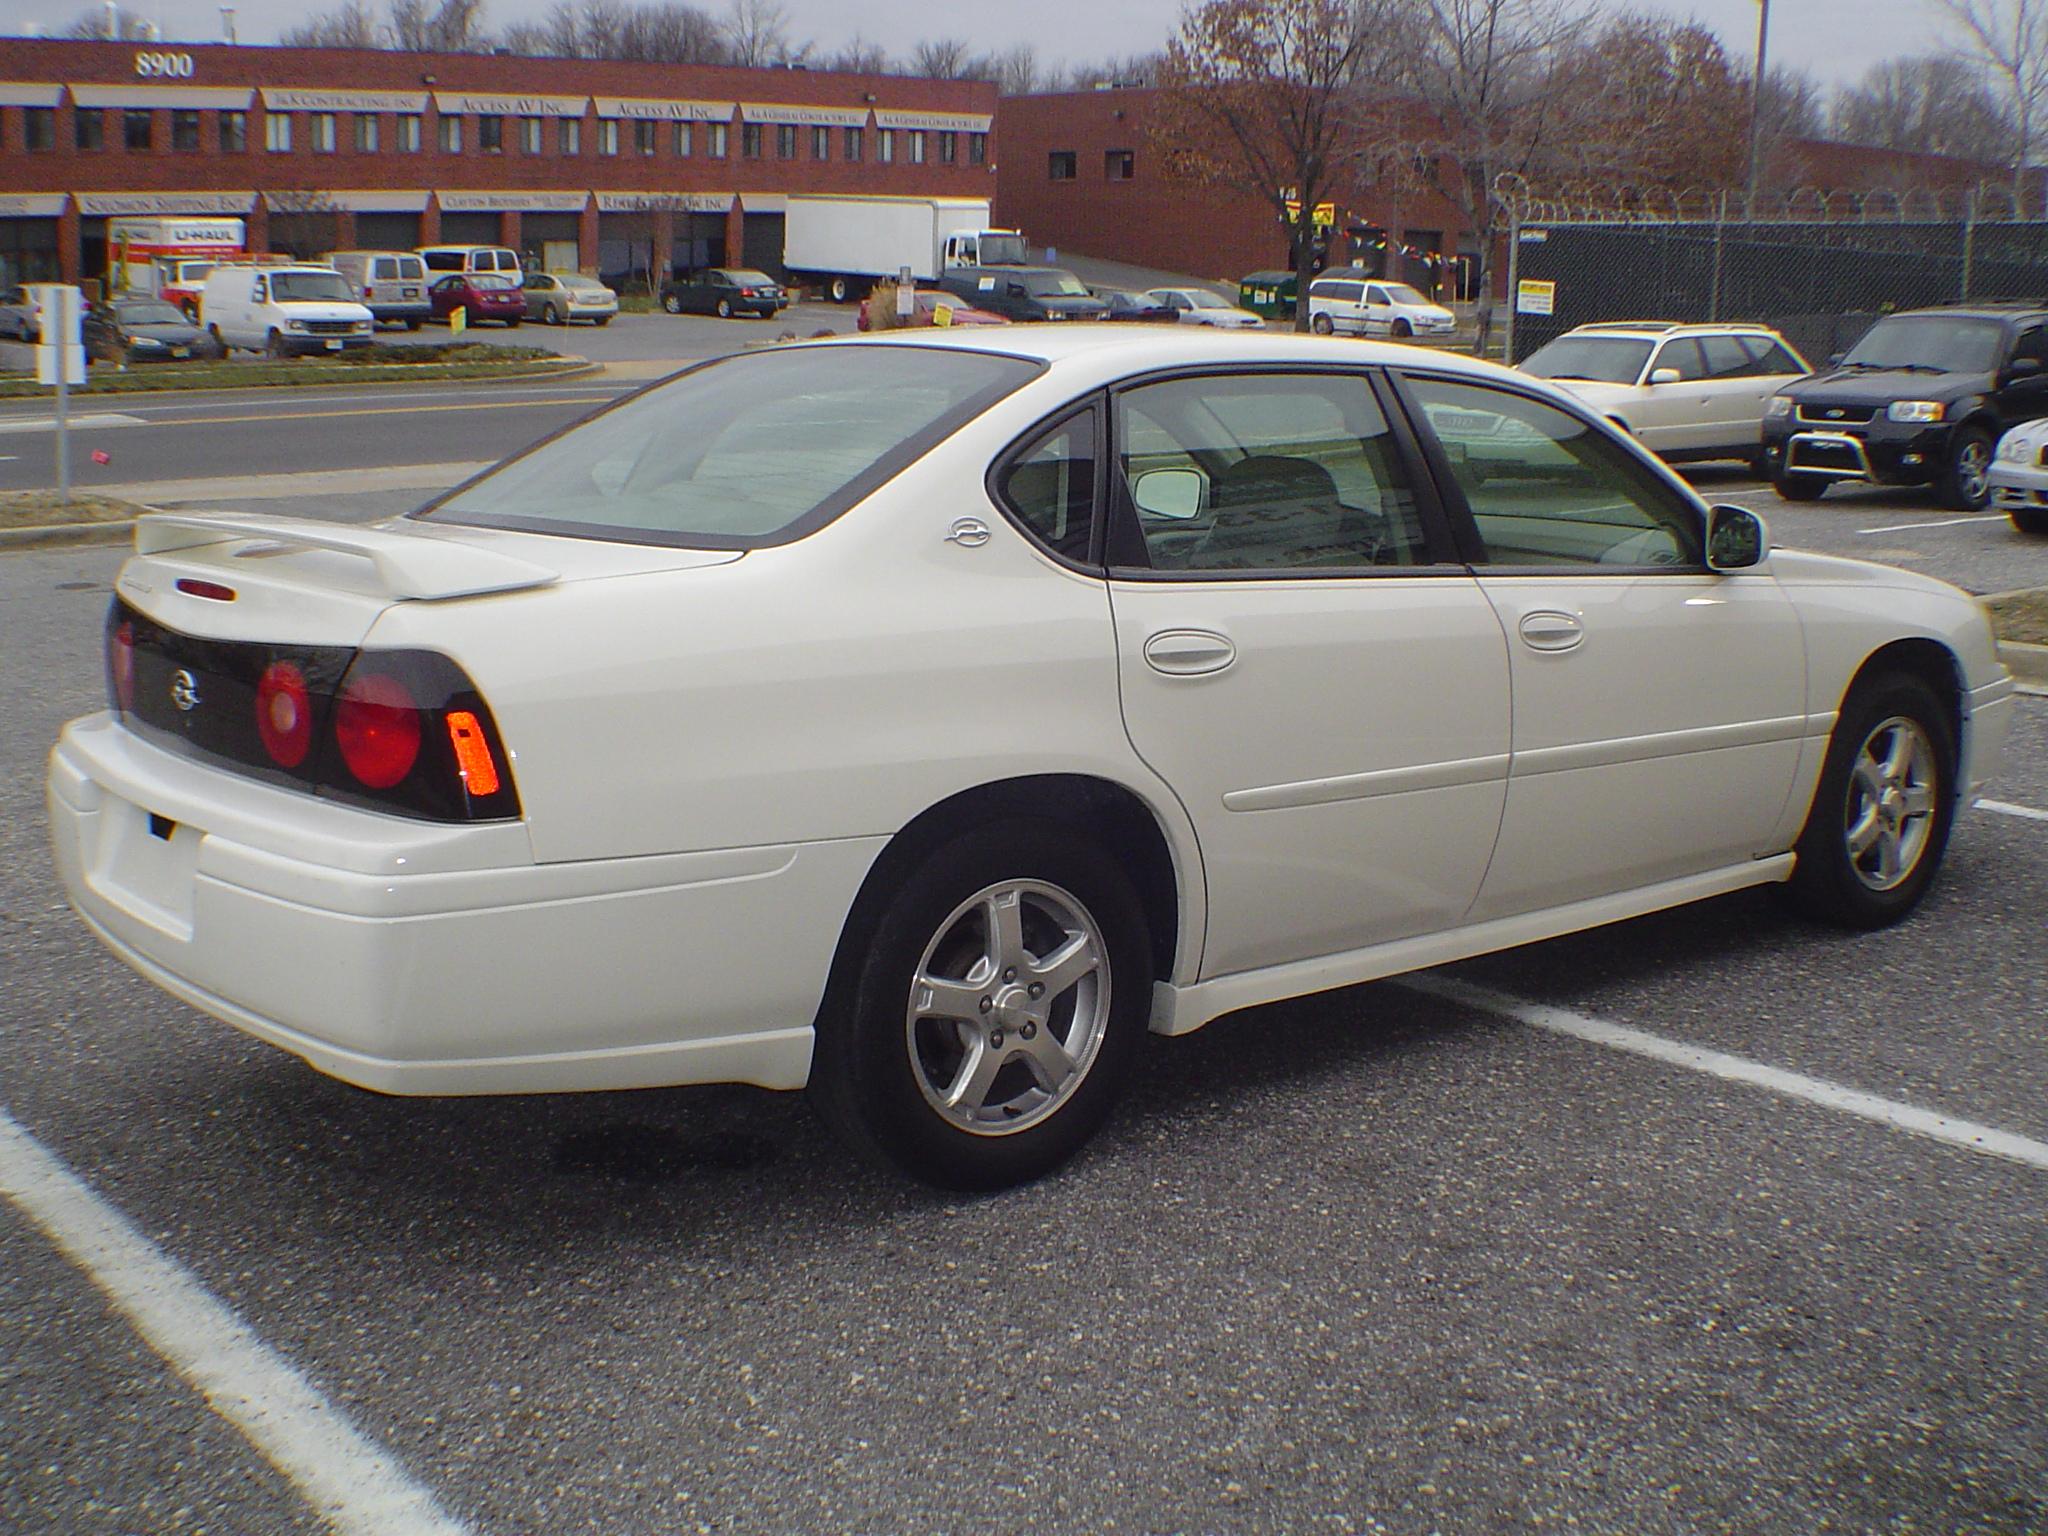 2005 Chevrolet Impala Image 24